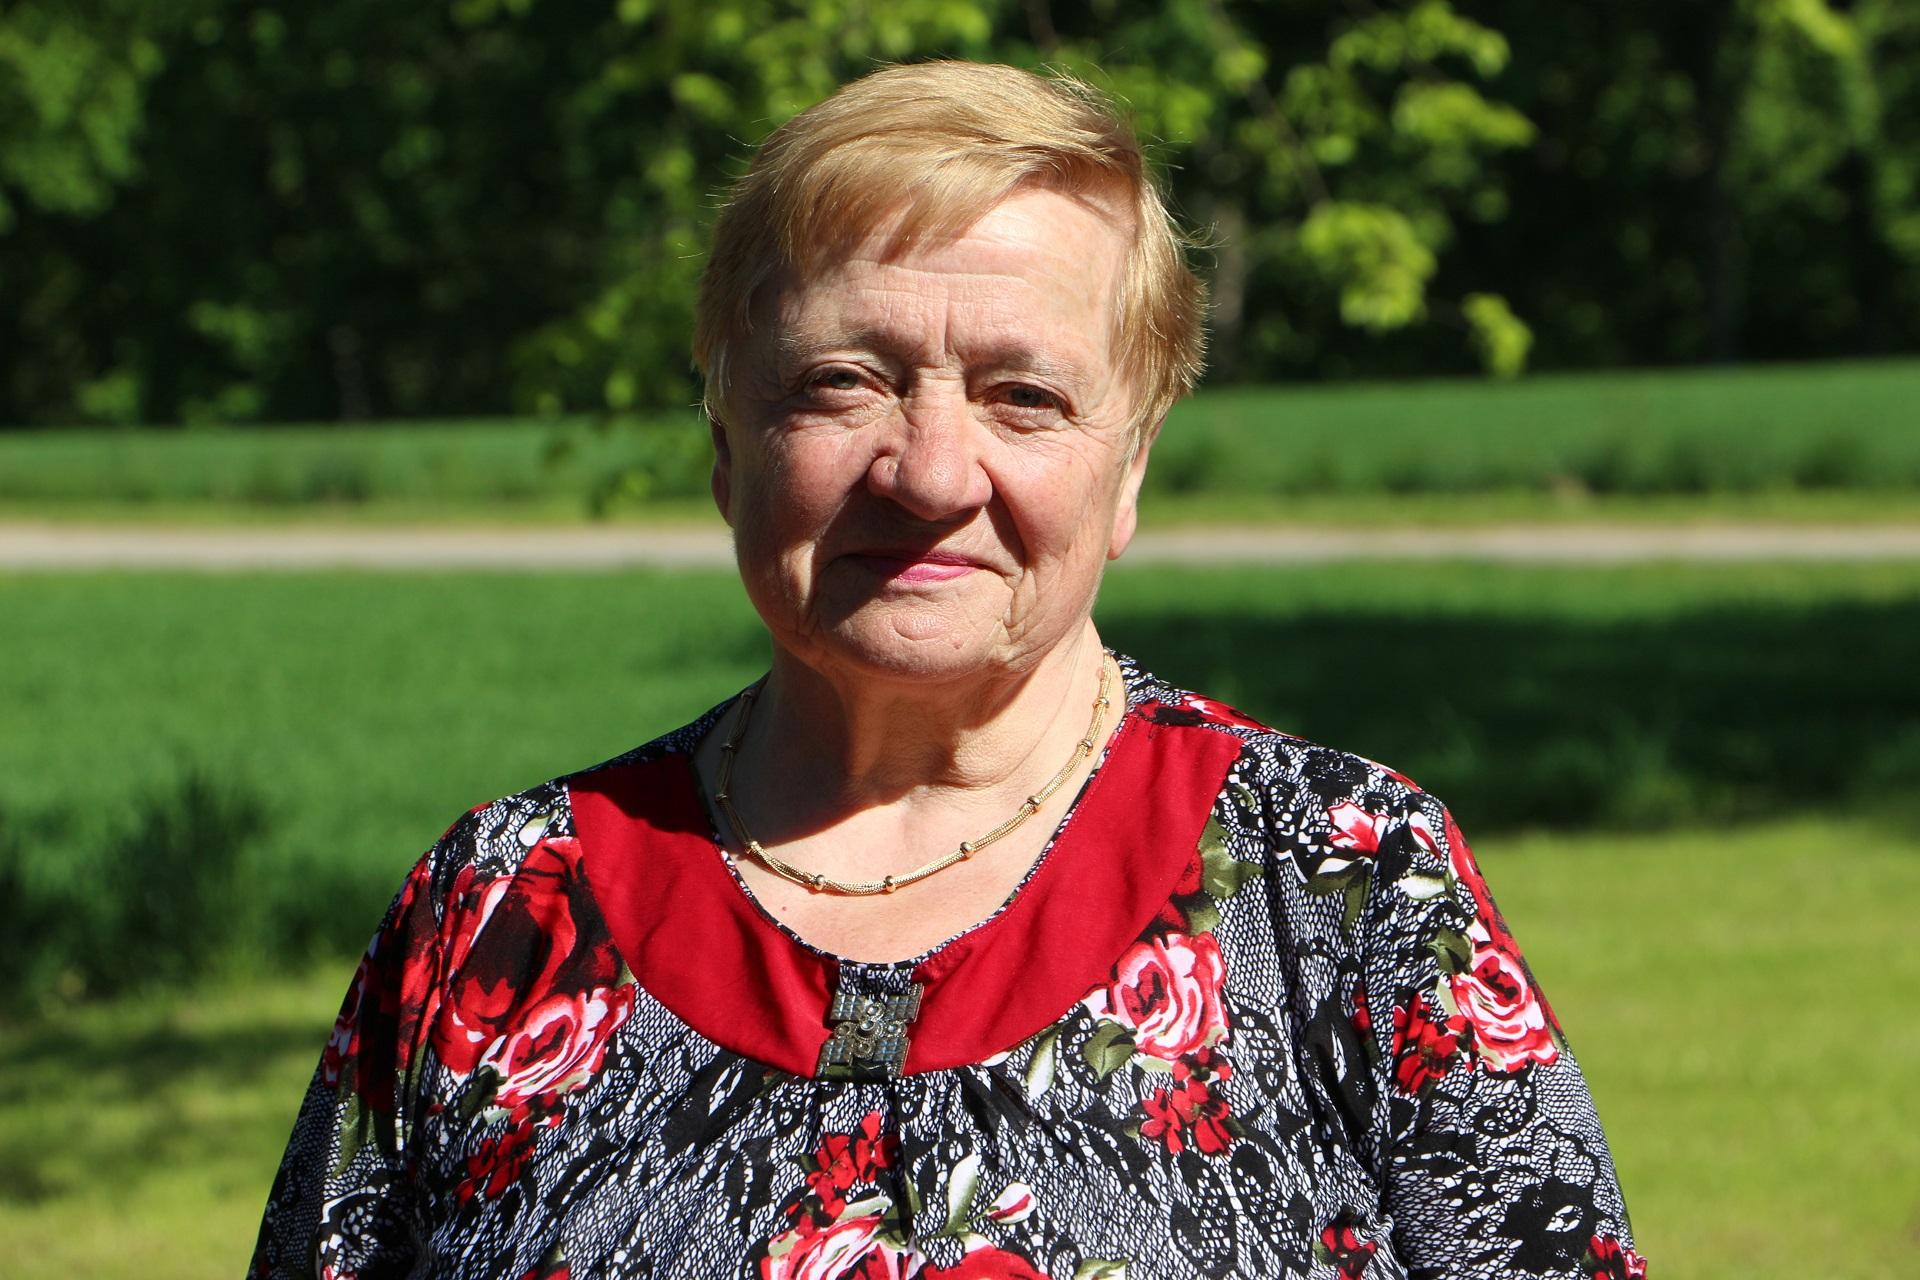 Šventybrasčio kaimo bendruomenė, anot Reginos Ramanauskienės, – visas jų gyvenimas. D. Borodinaitės nuotr.